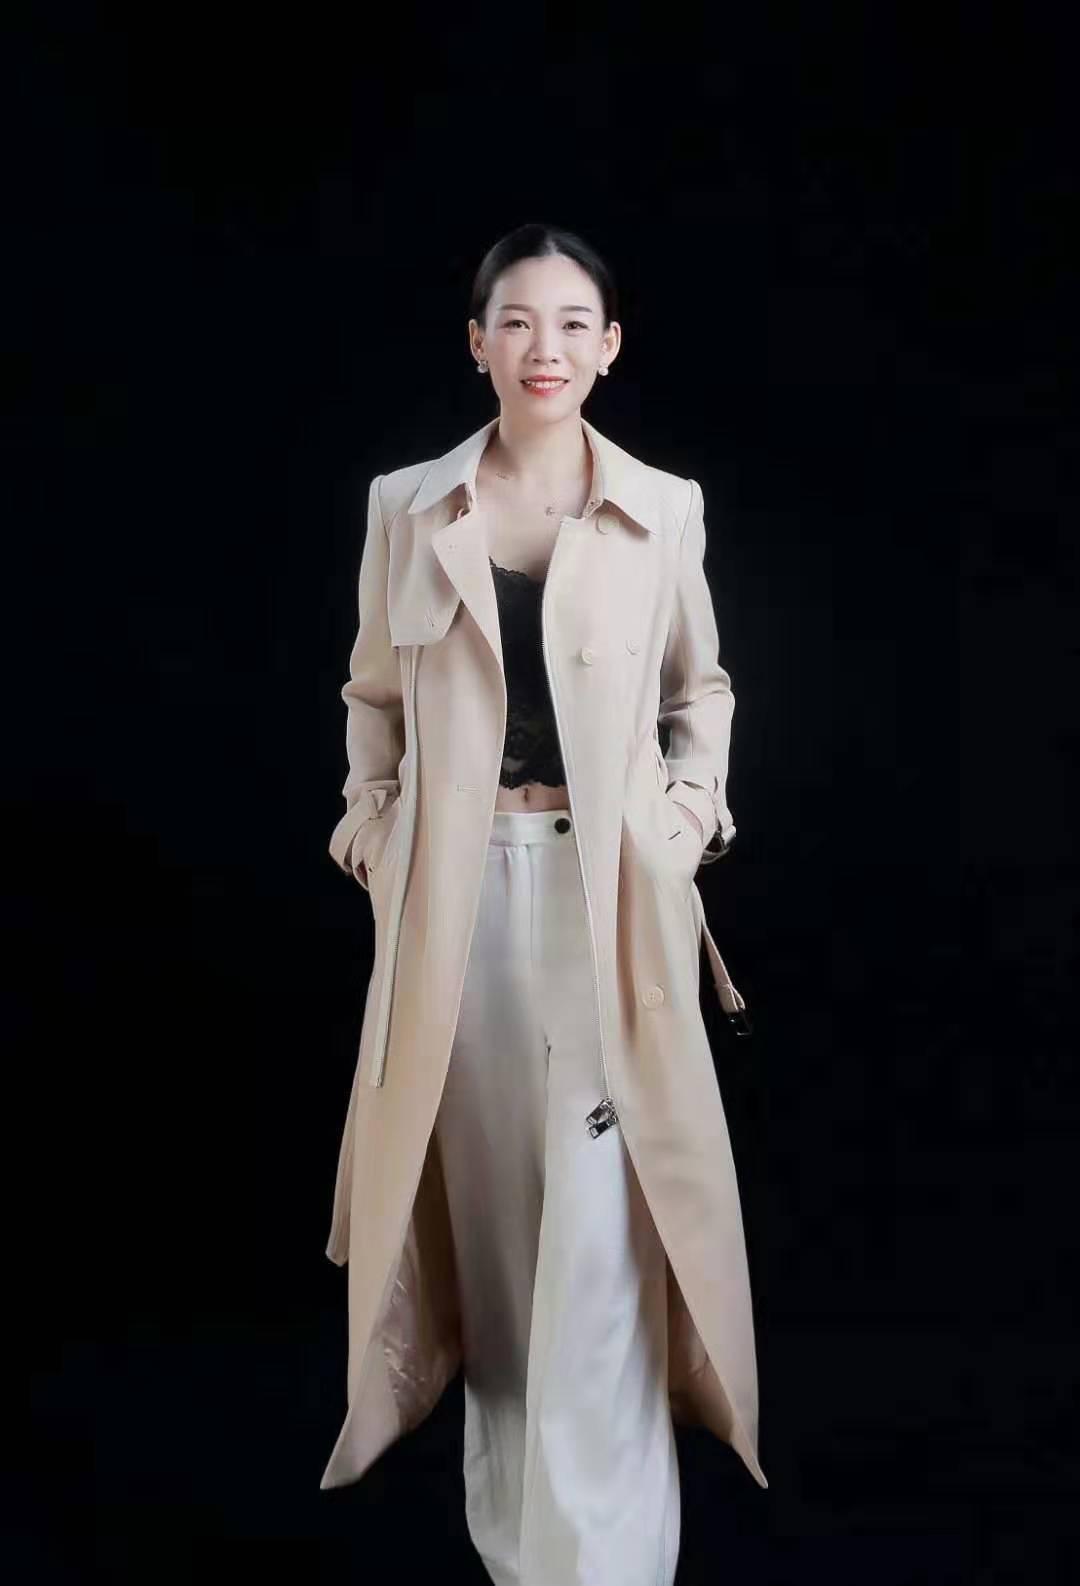 服装定制的一般流程是怎样的?